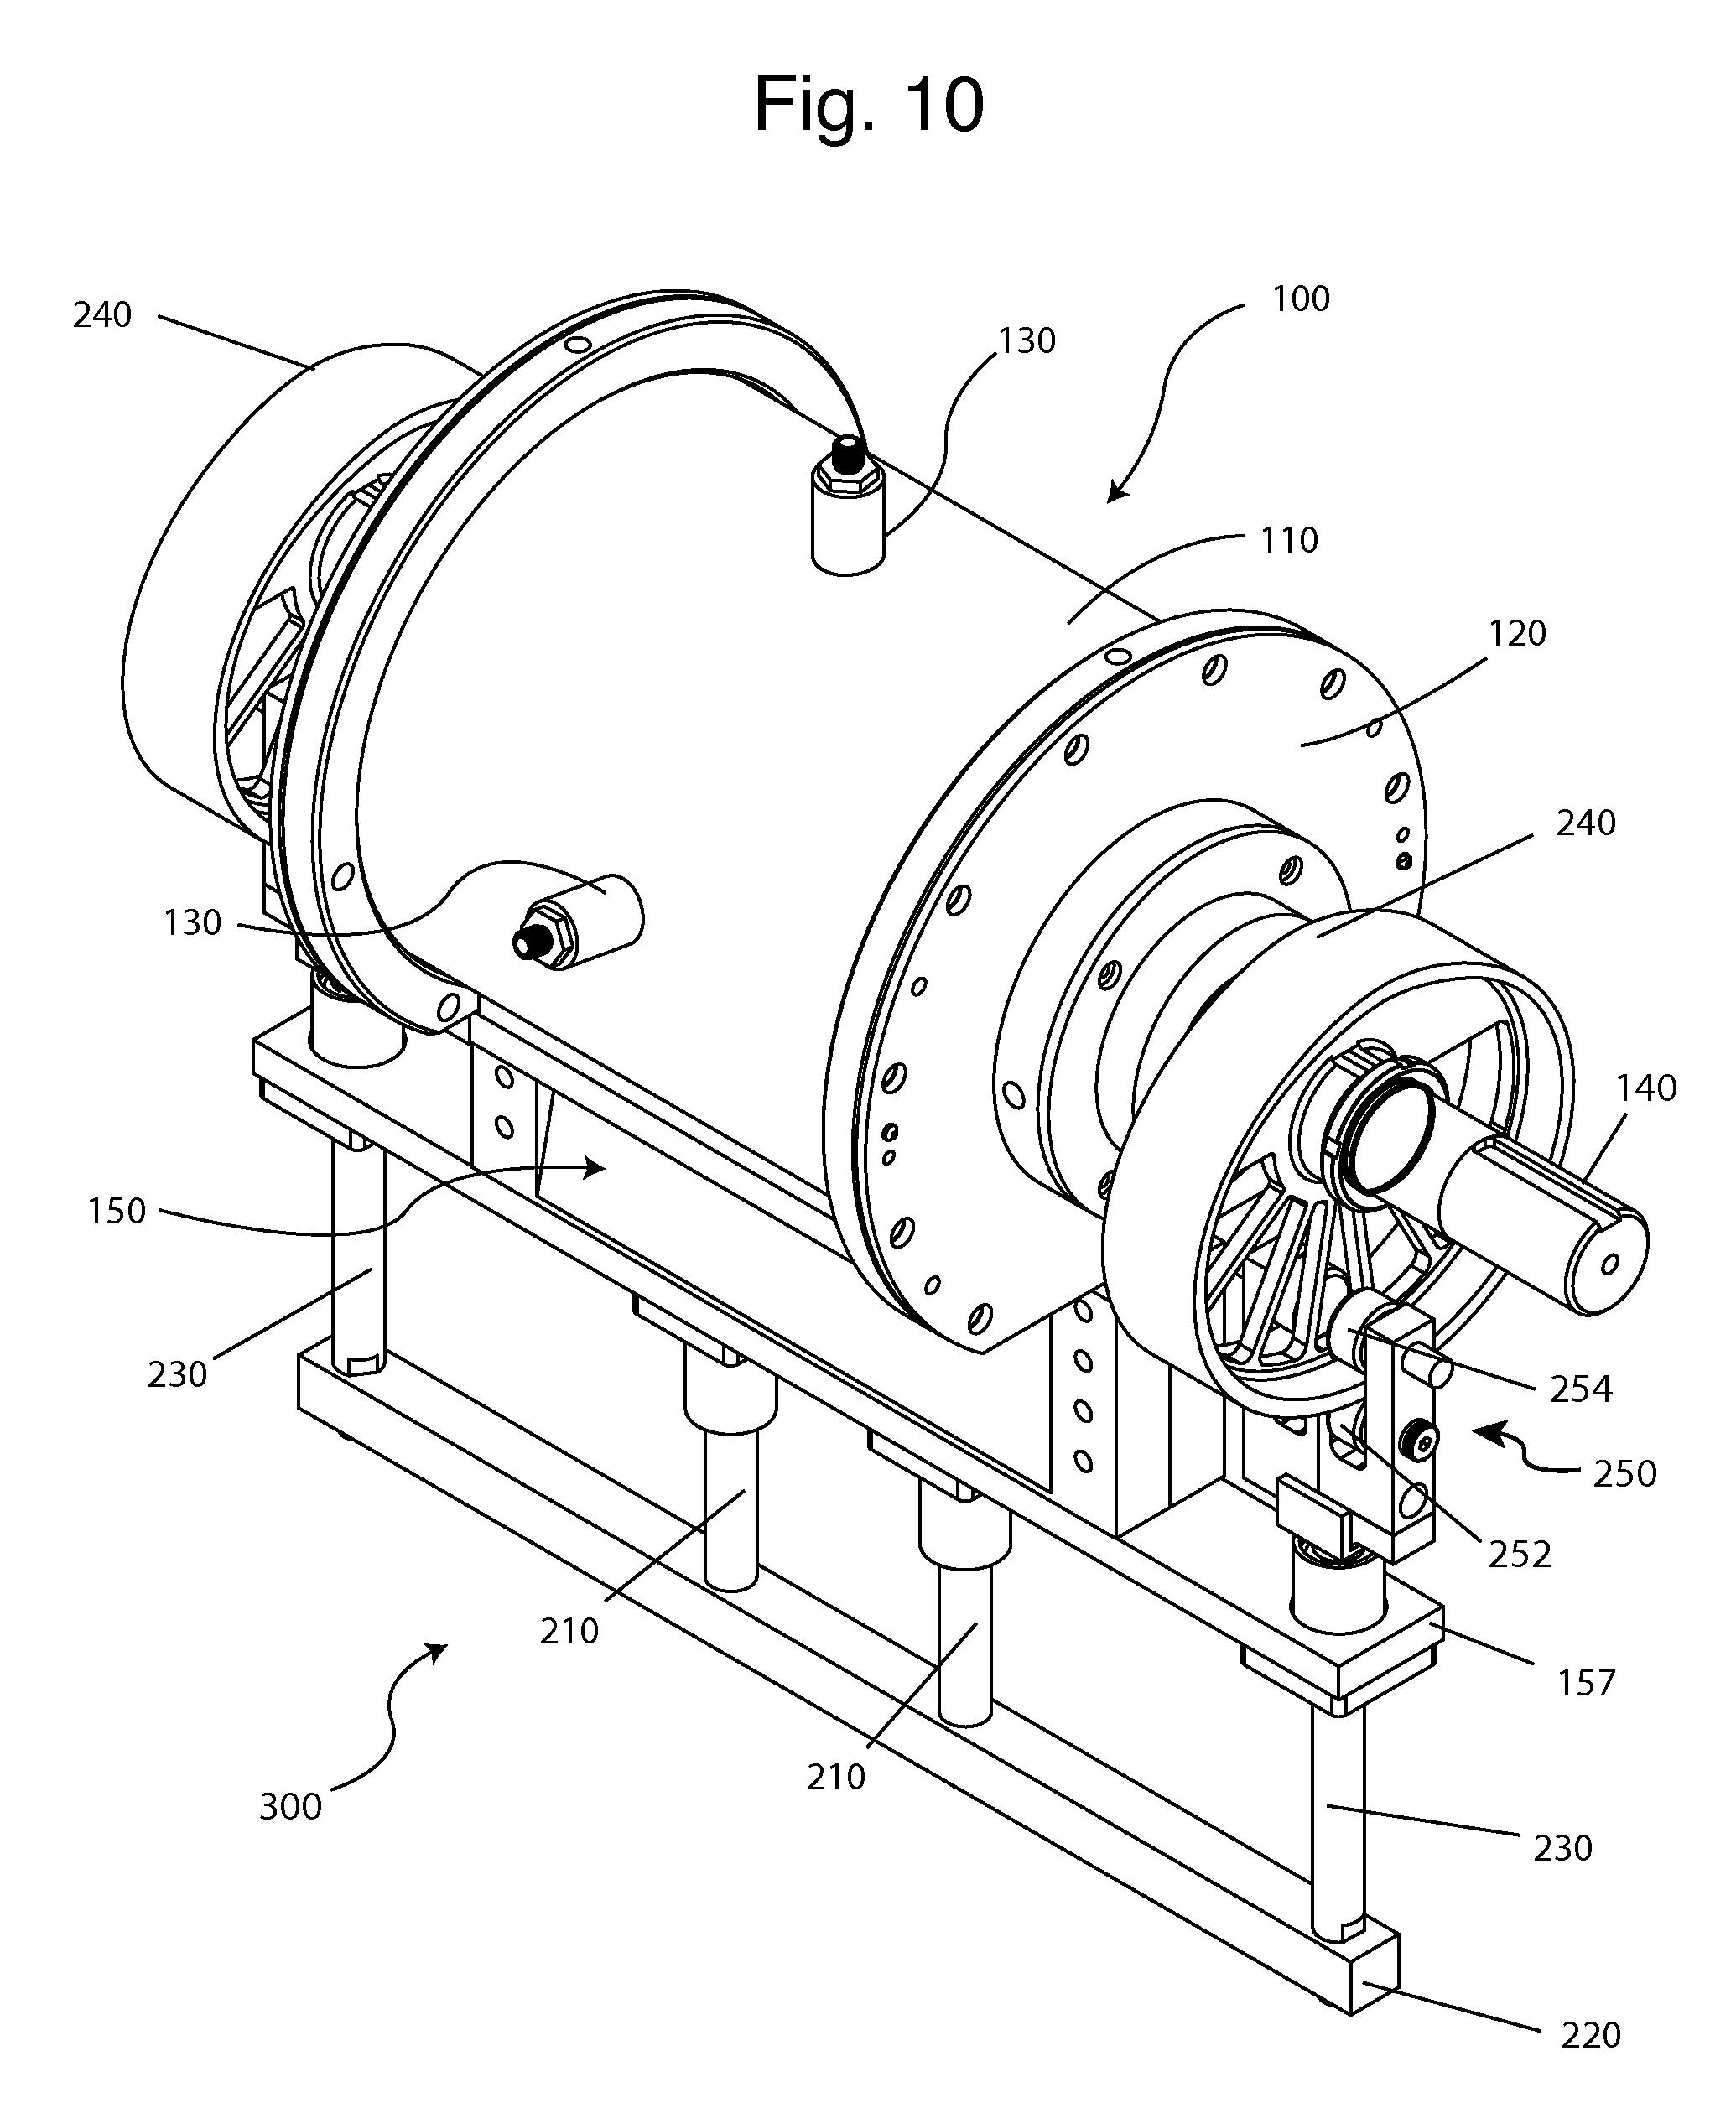 dayton motor lr22132 wiring diagram 220 dayton electric